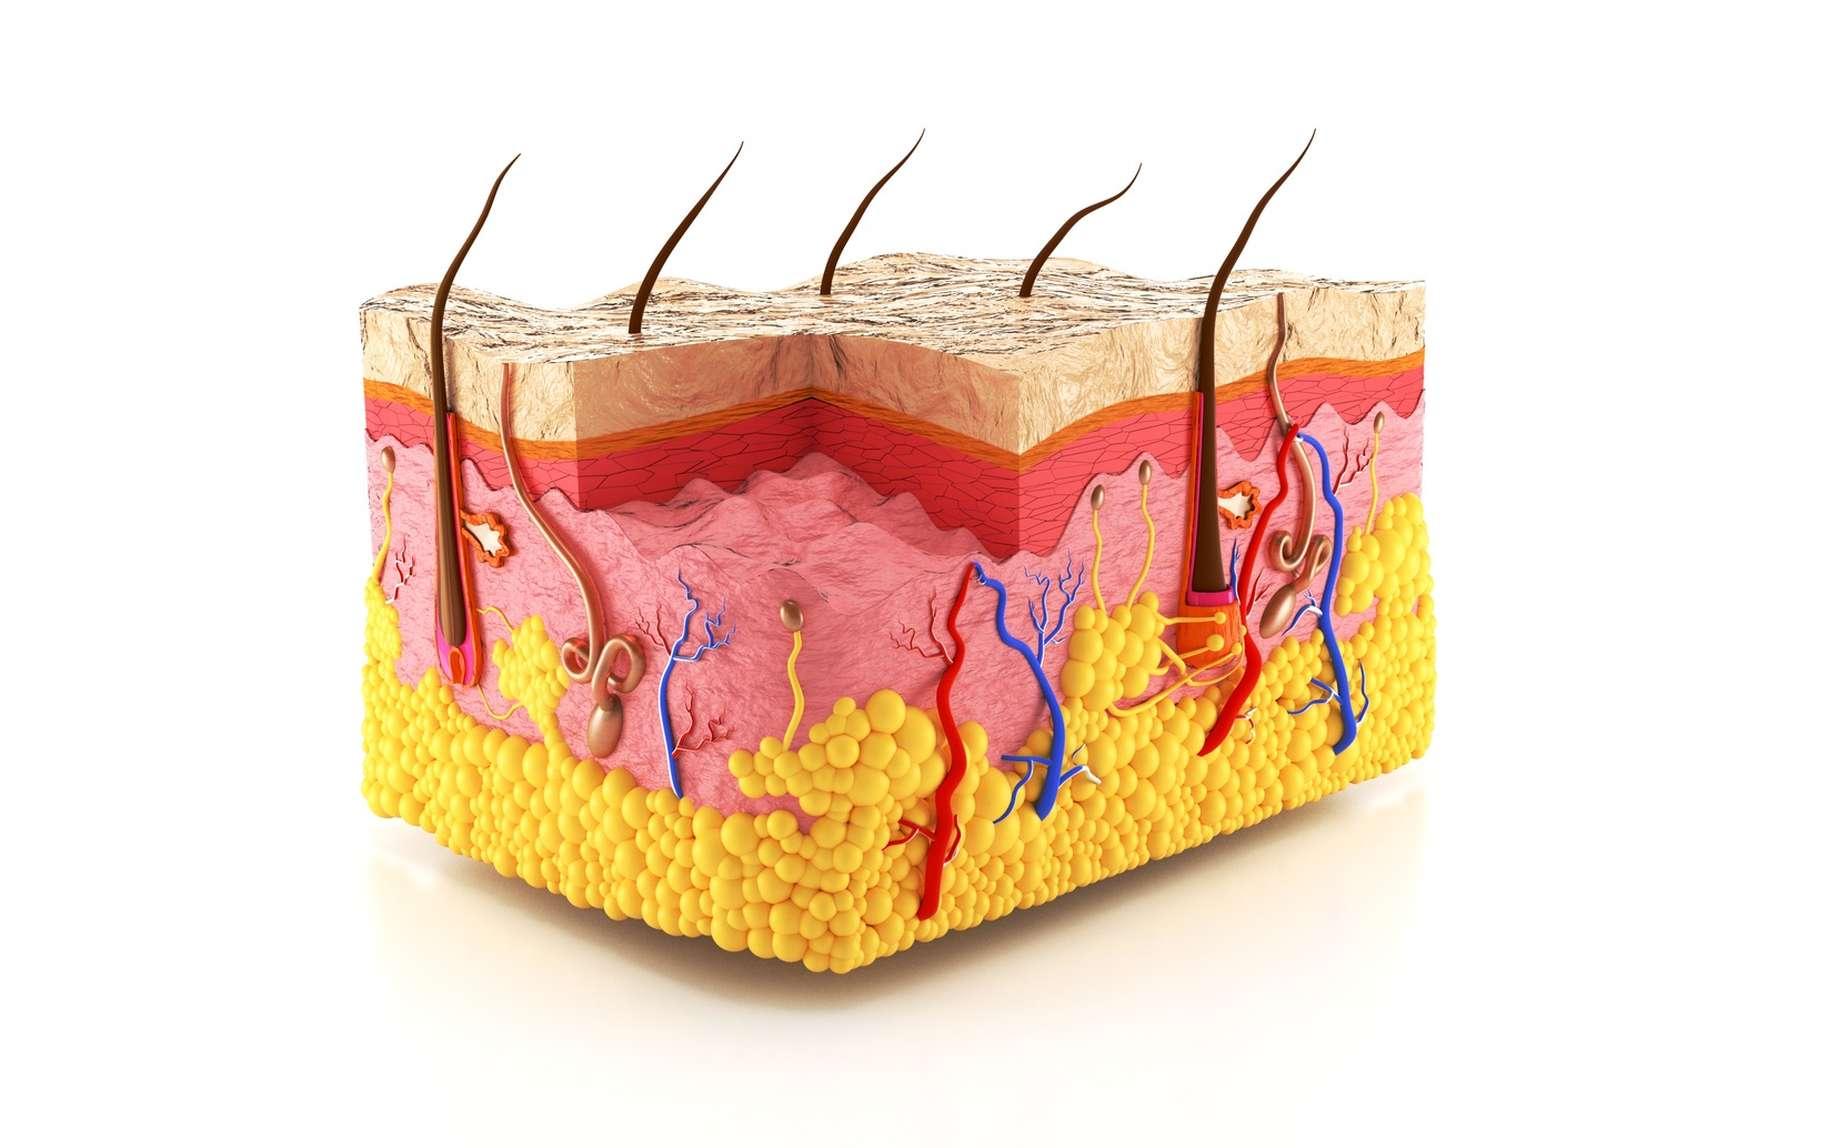 La peau comprend l'épiderme en surface et le derme en profondeur. © anton91815, Fotolia